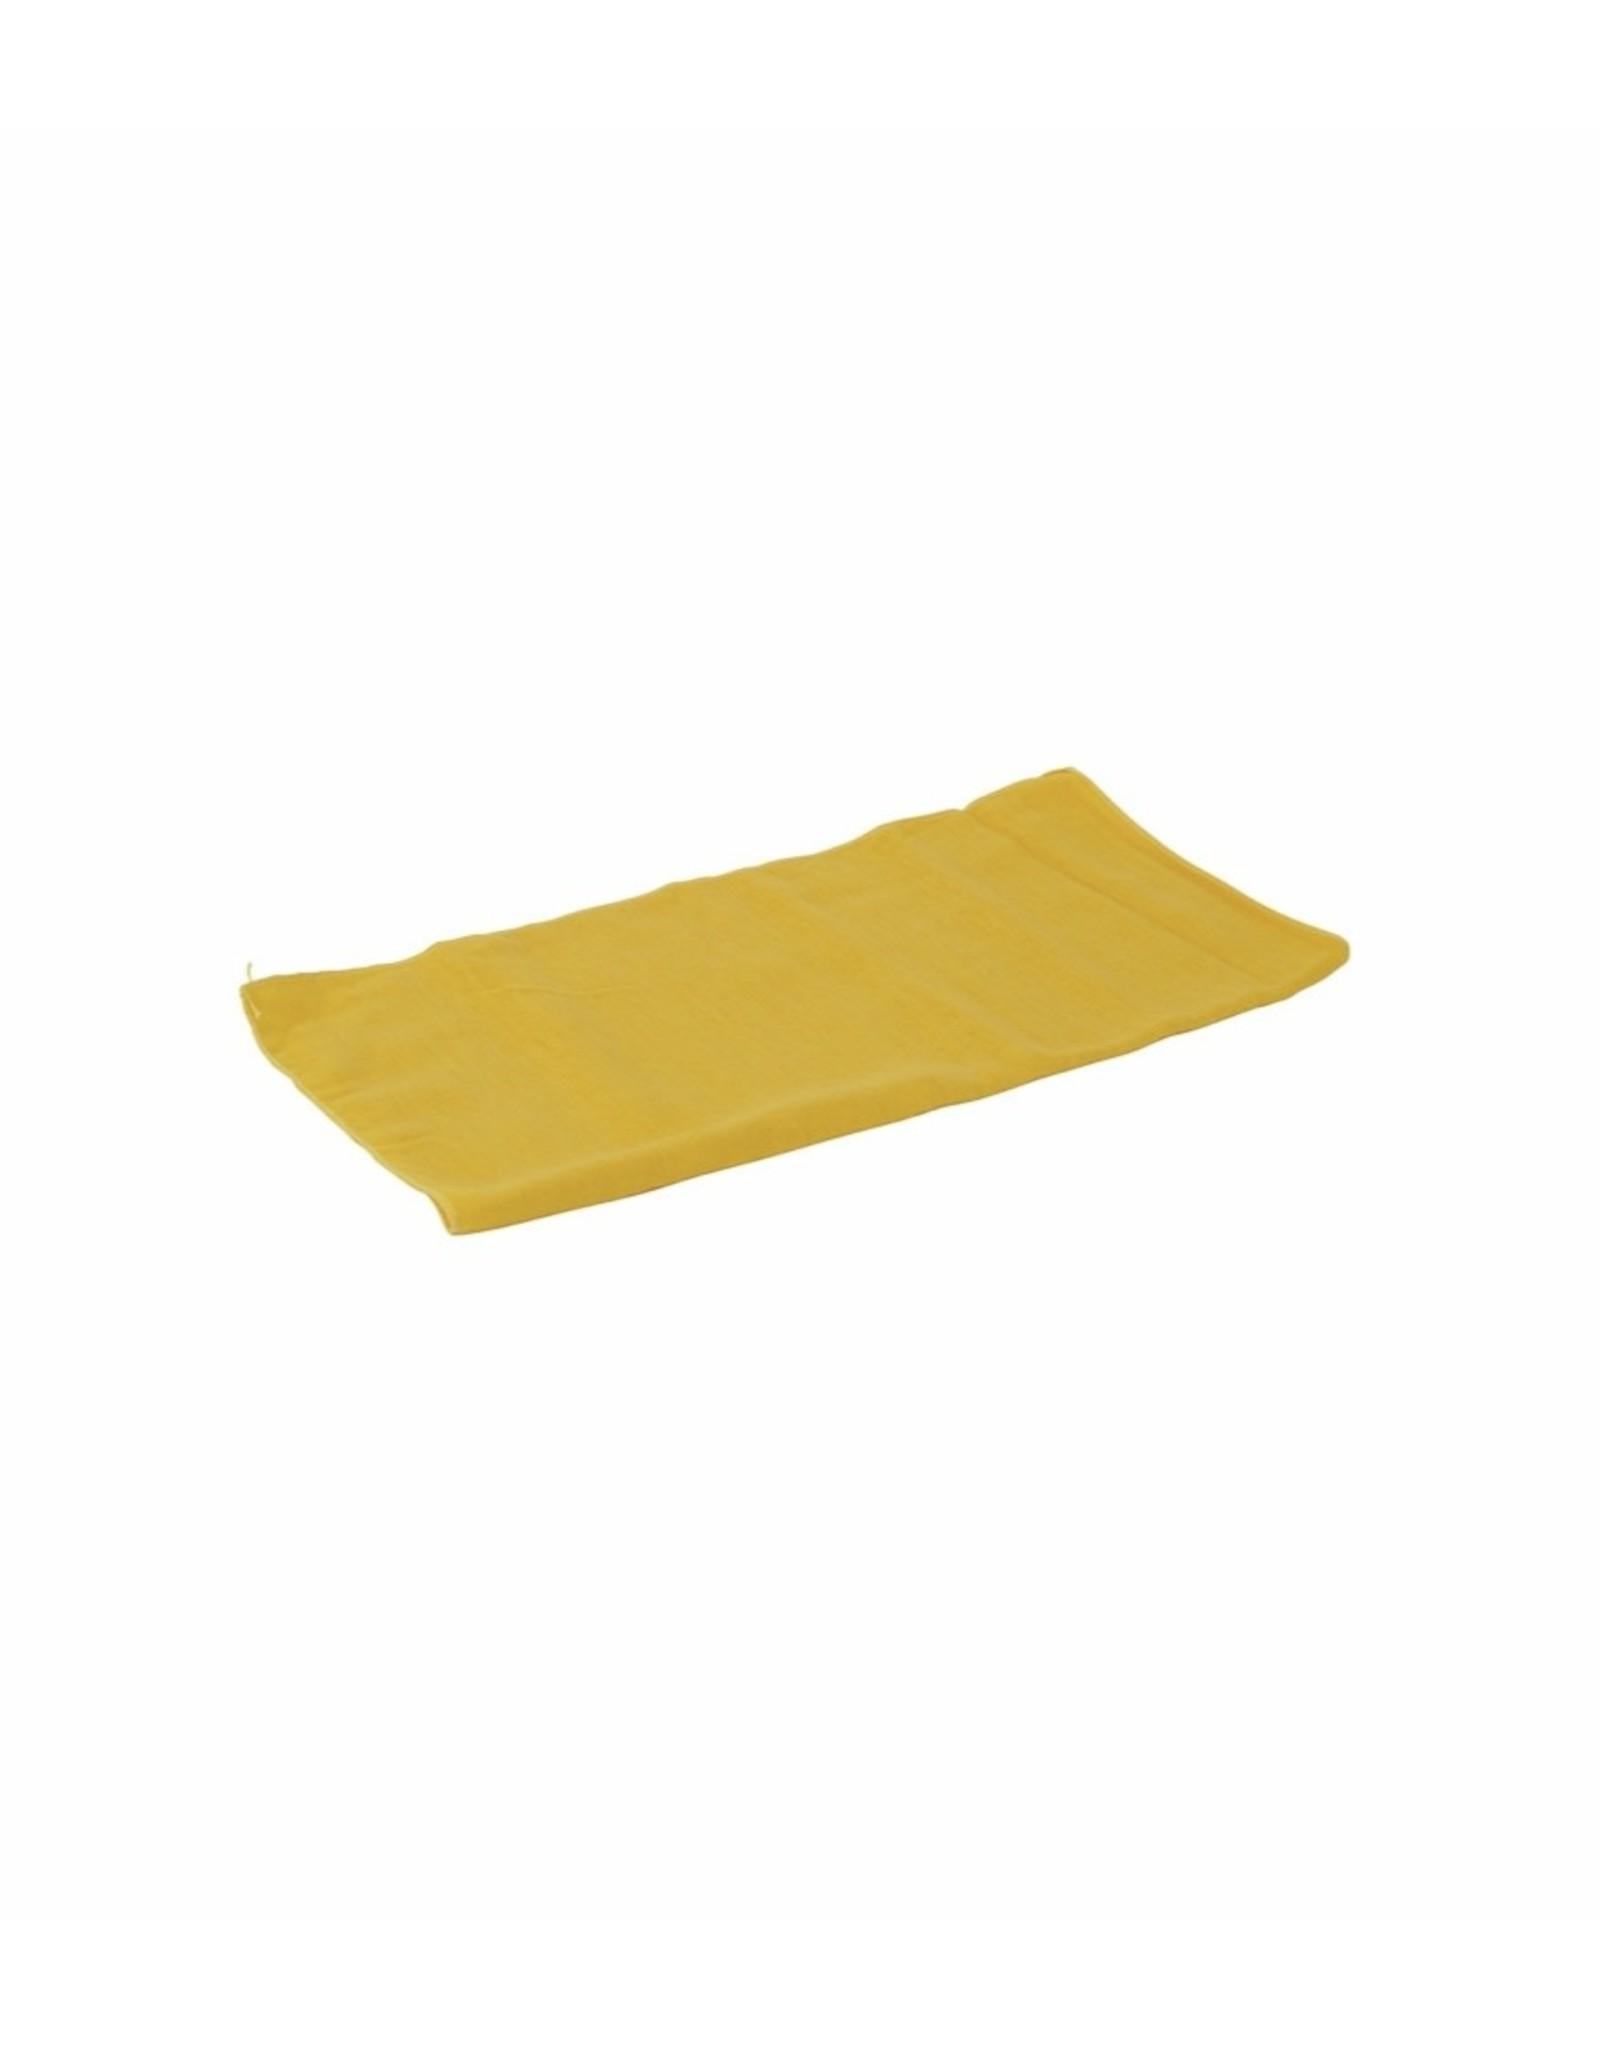 Betra stofdoek katoen geel 40 x 40 cm